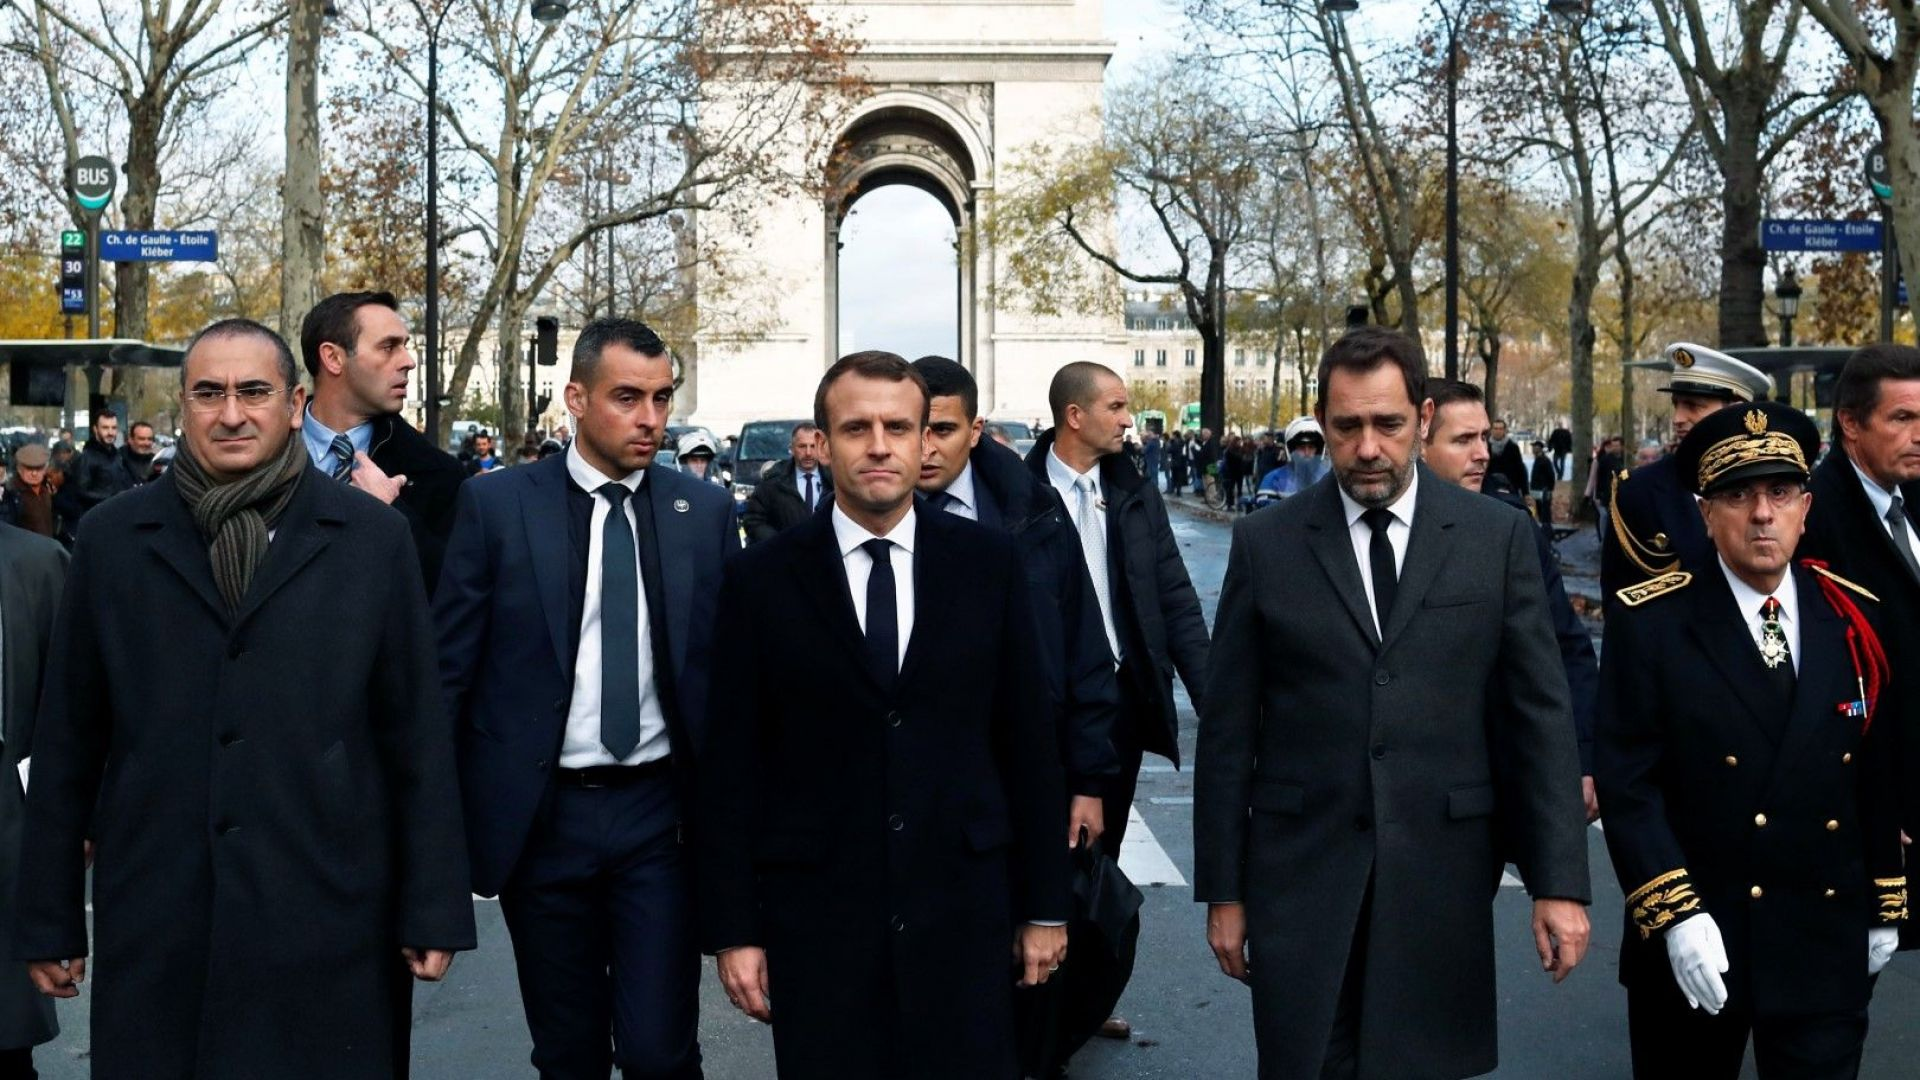 Френският президент не е обсъдил с министрите въвеждането на извънредно положение